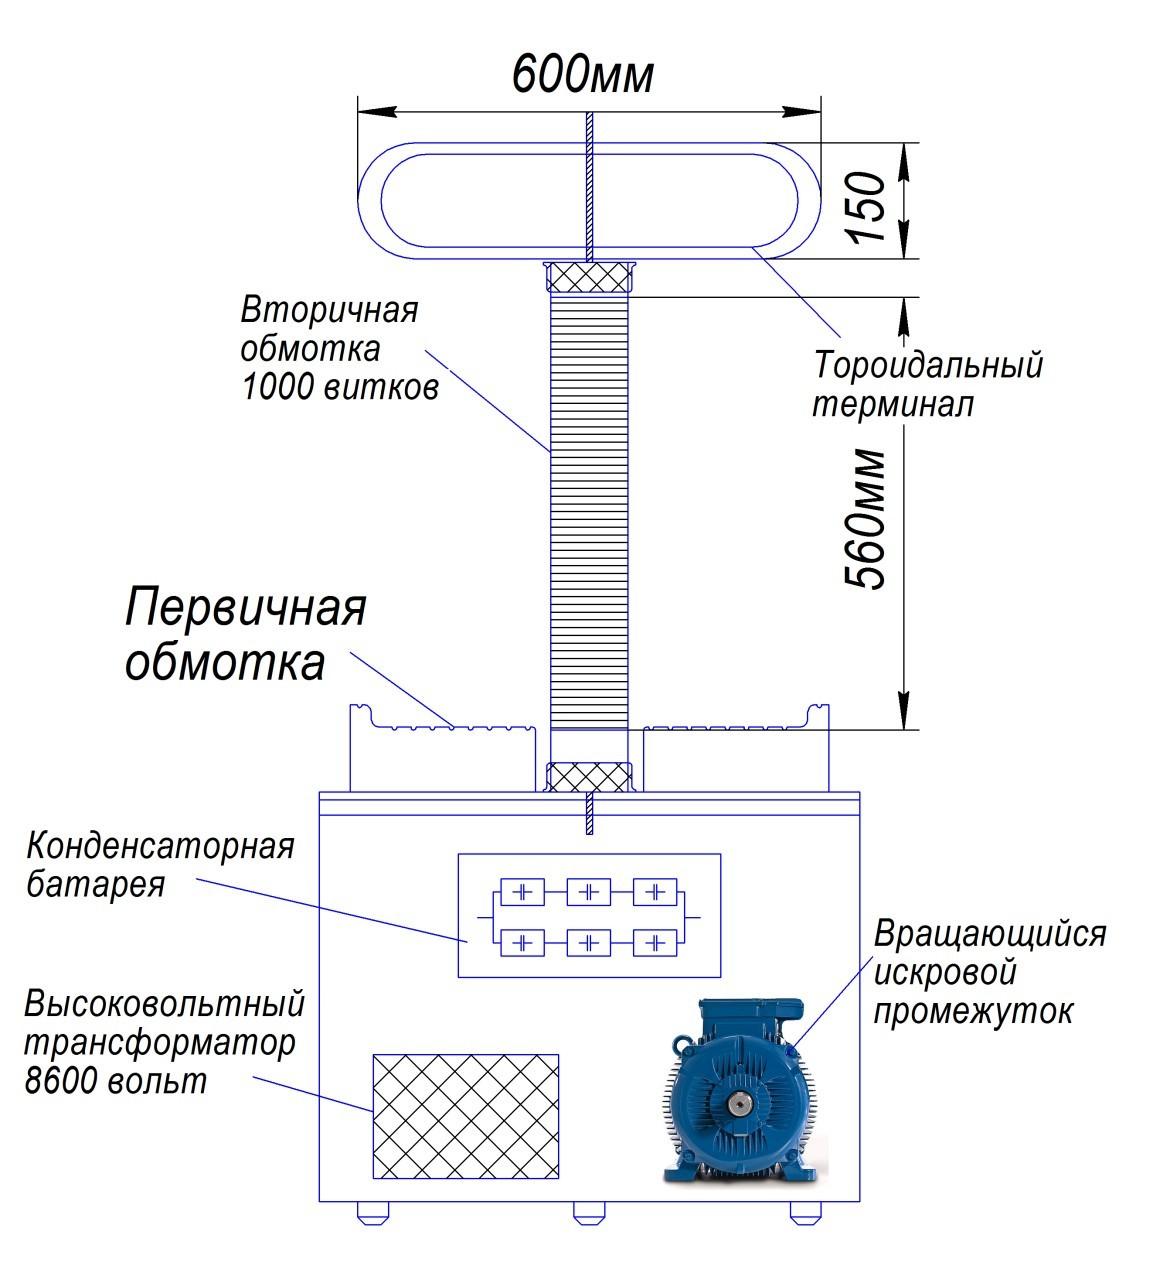 Как мы для музея науки сделали самую большую катушку Тесла в Украине - 2